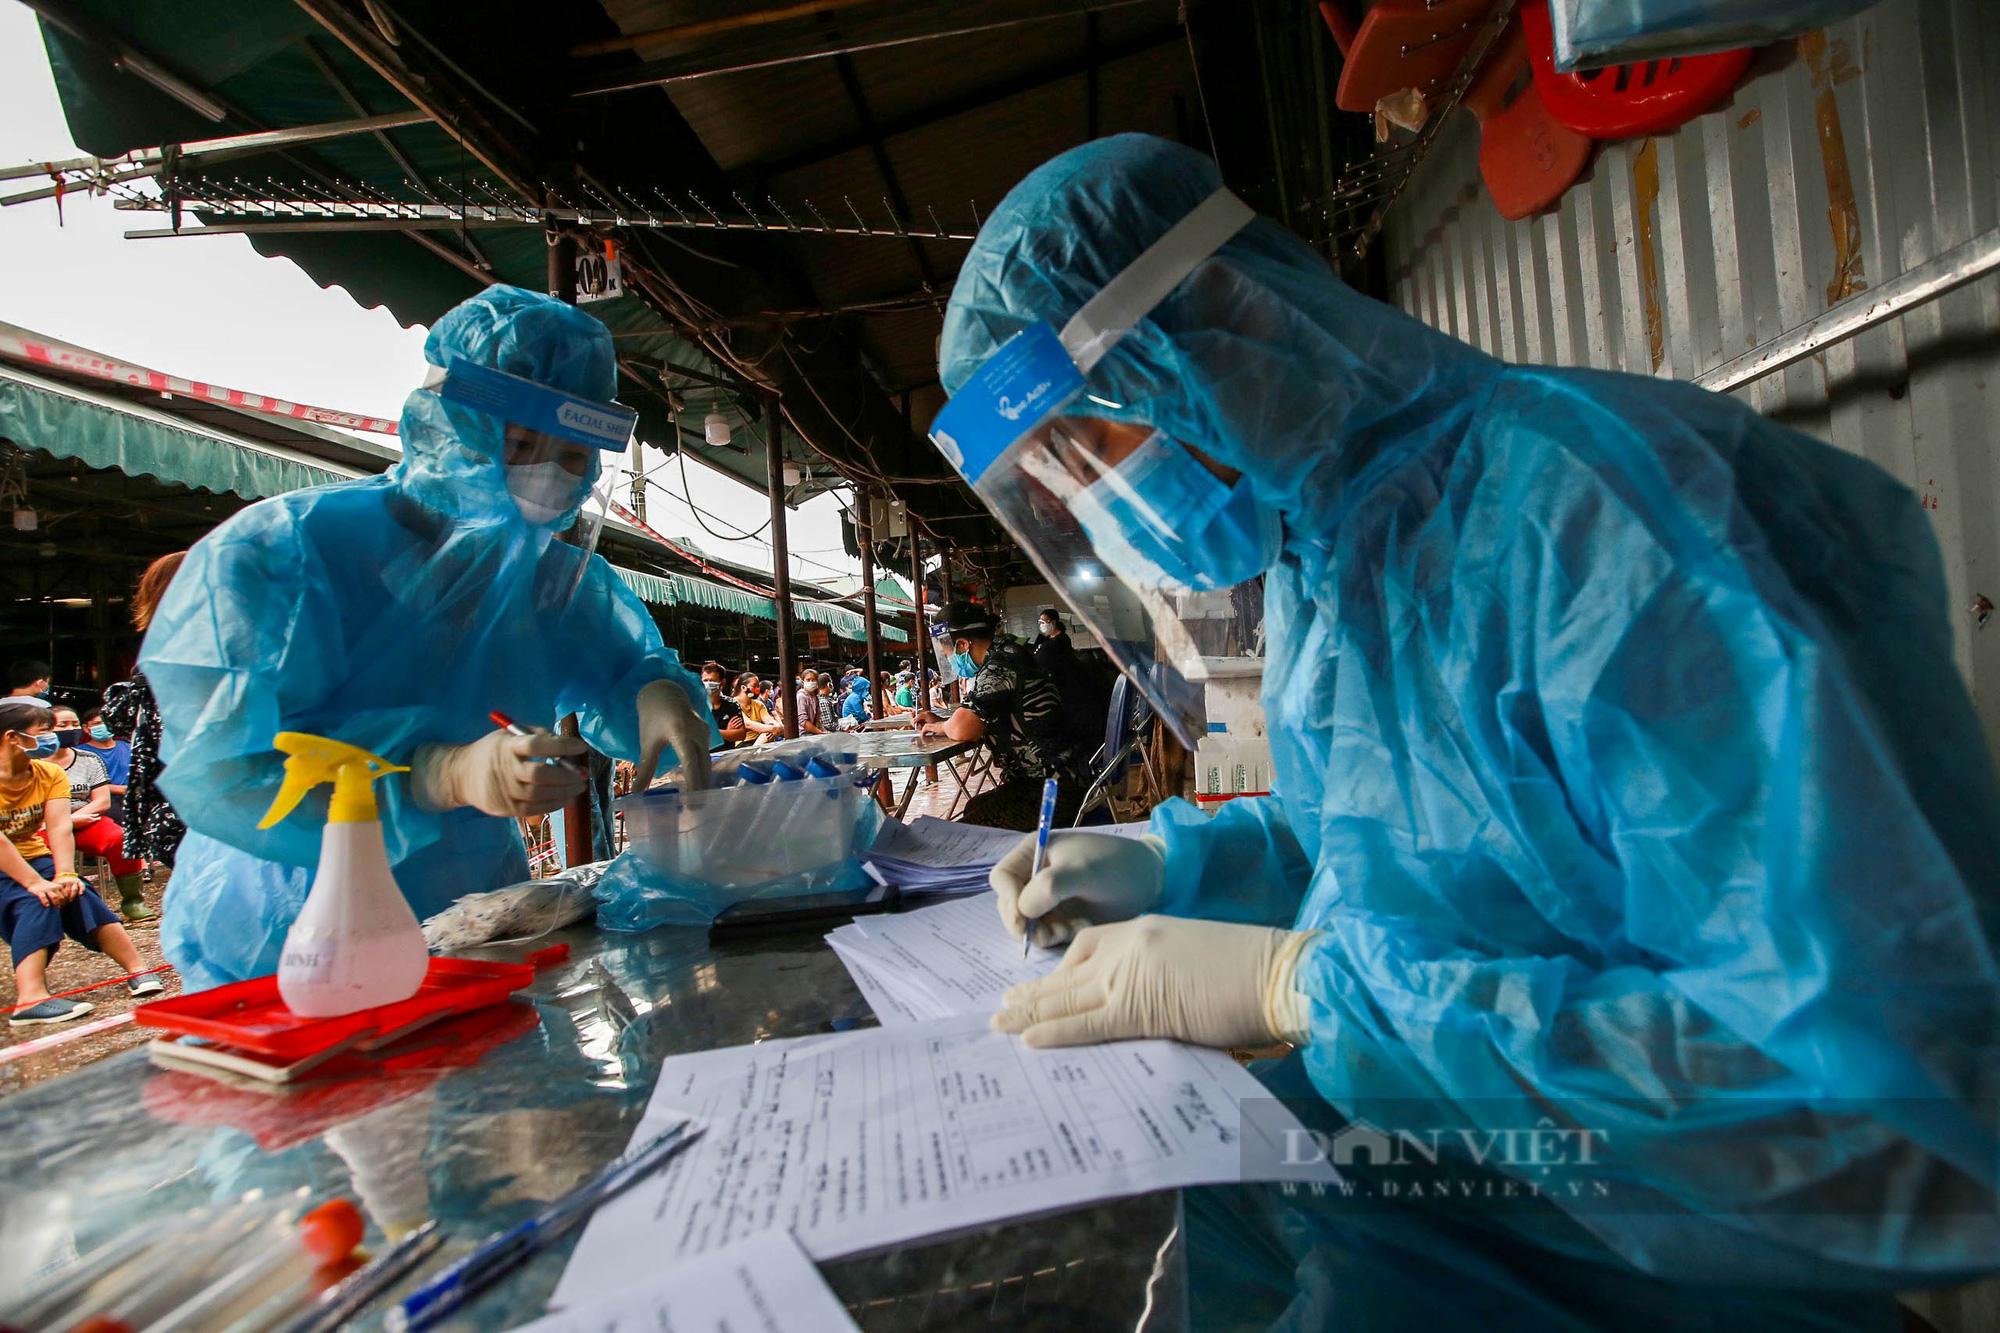 Lấy mẫu xét nghiệm hàng trăm tiểu thương tiểu thương tại chợ Phùng Khoang - Ảnh 9.